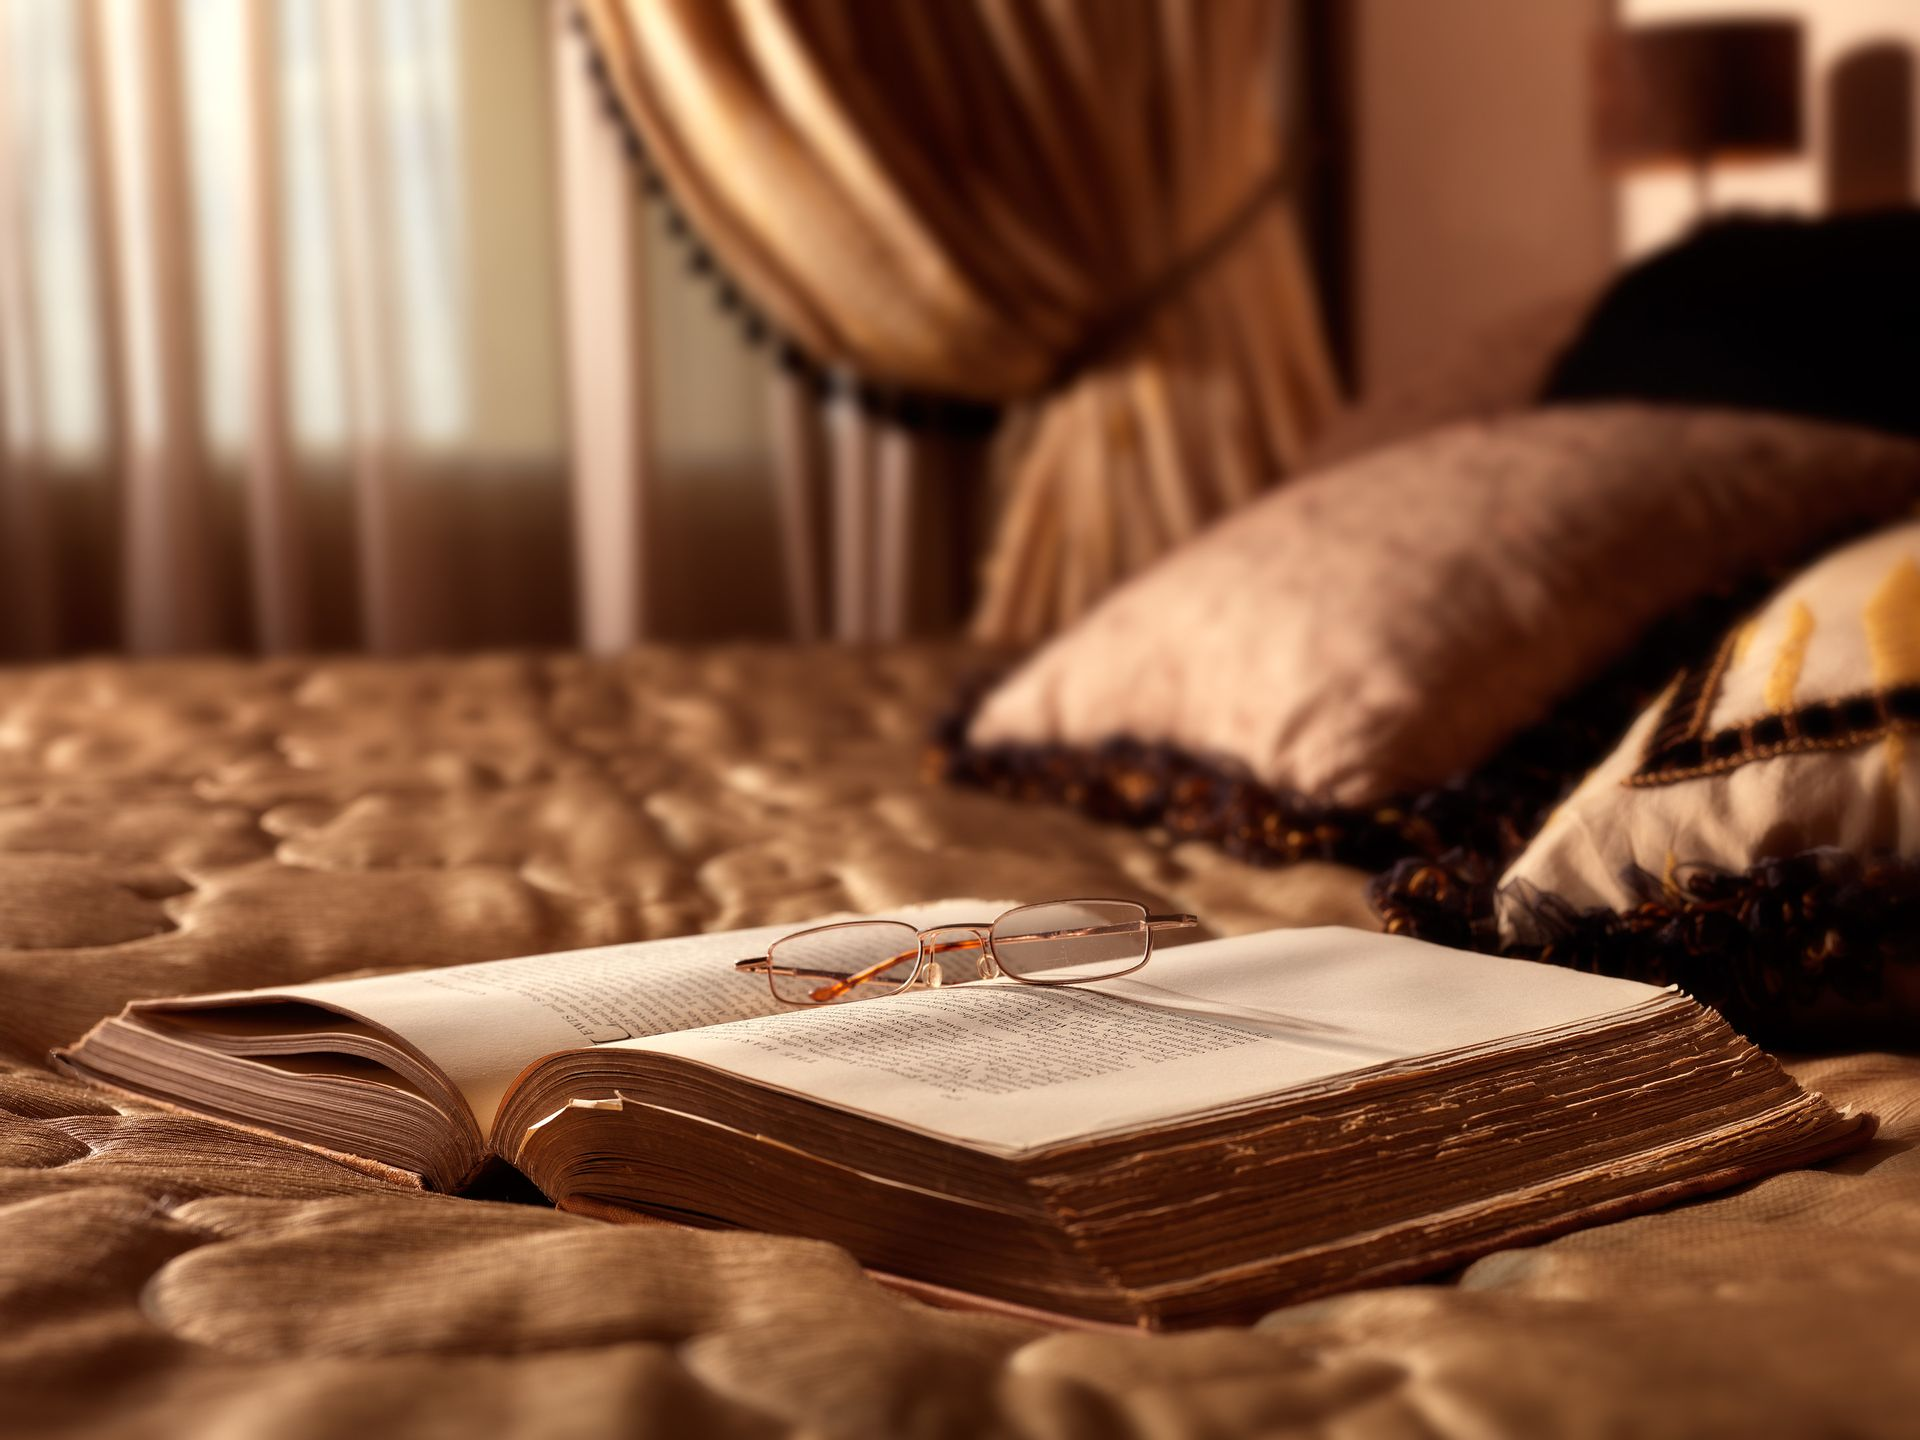 Divani Palace Larissa - Offers - Divine Home Packages: Don't just visit it- Live it!